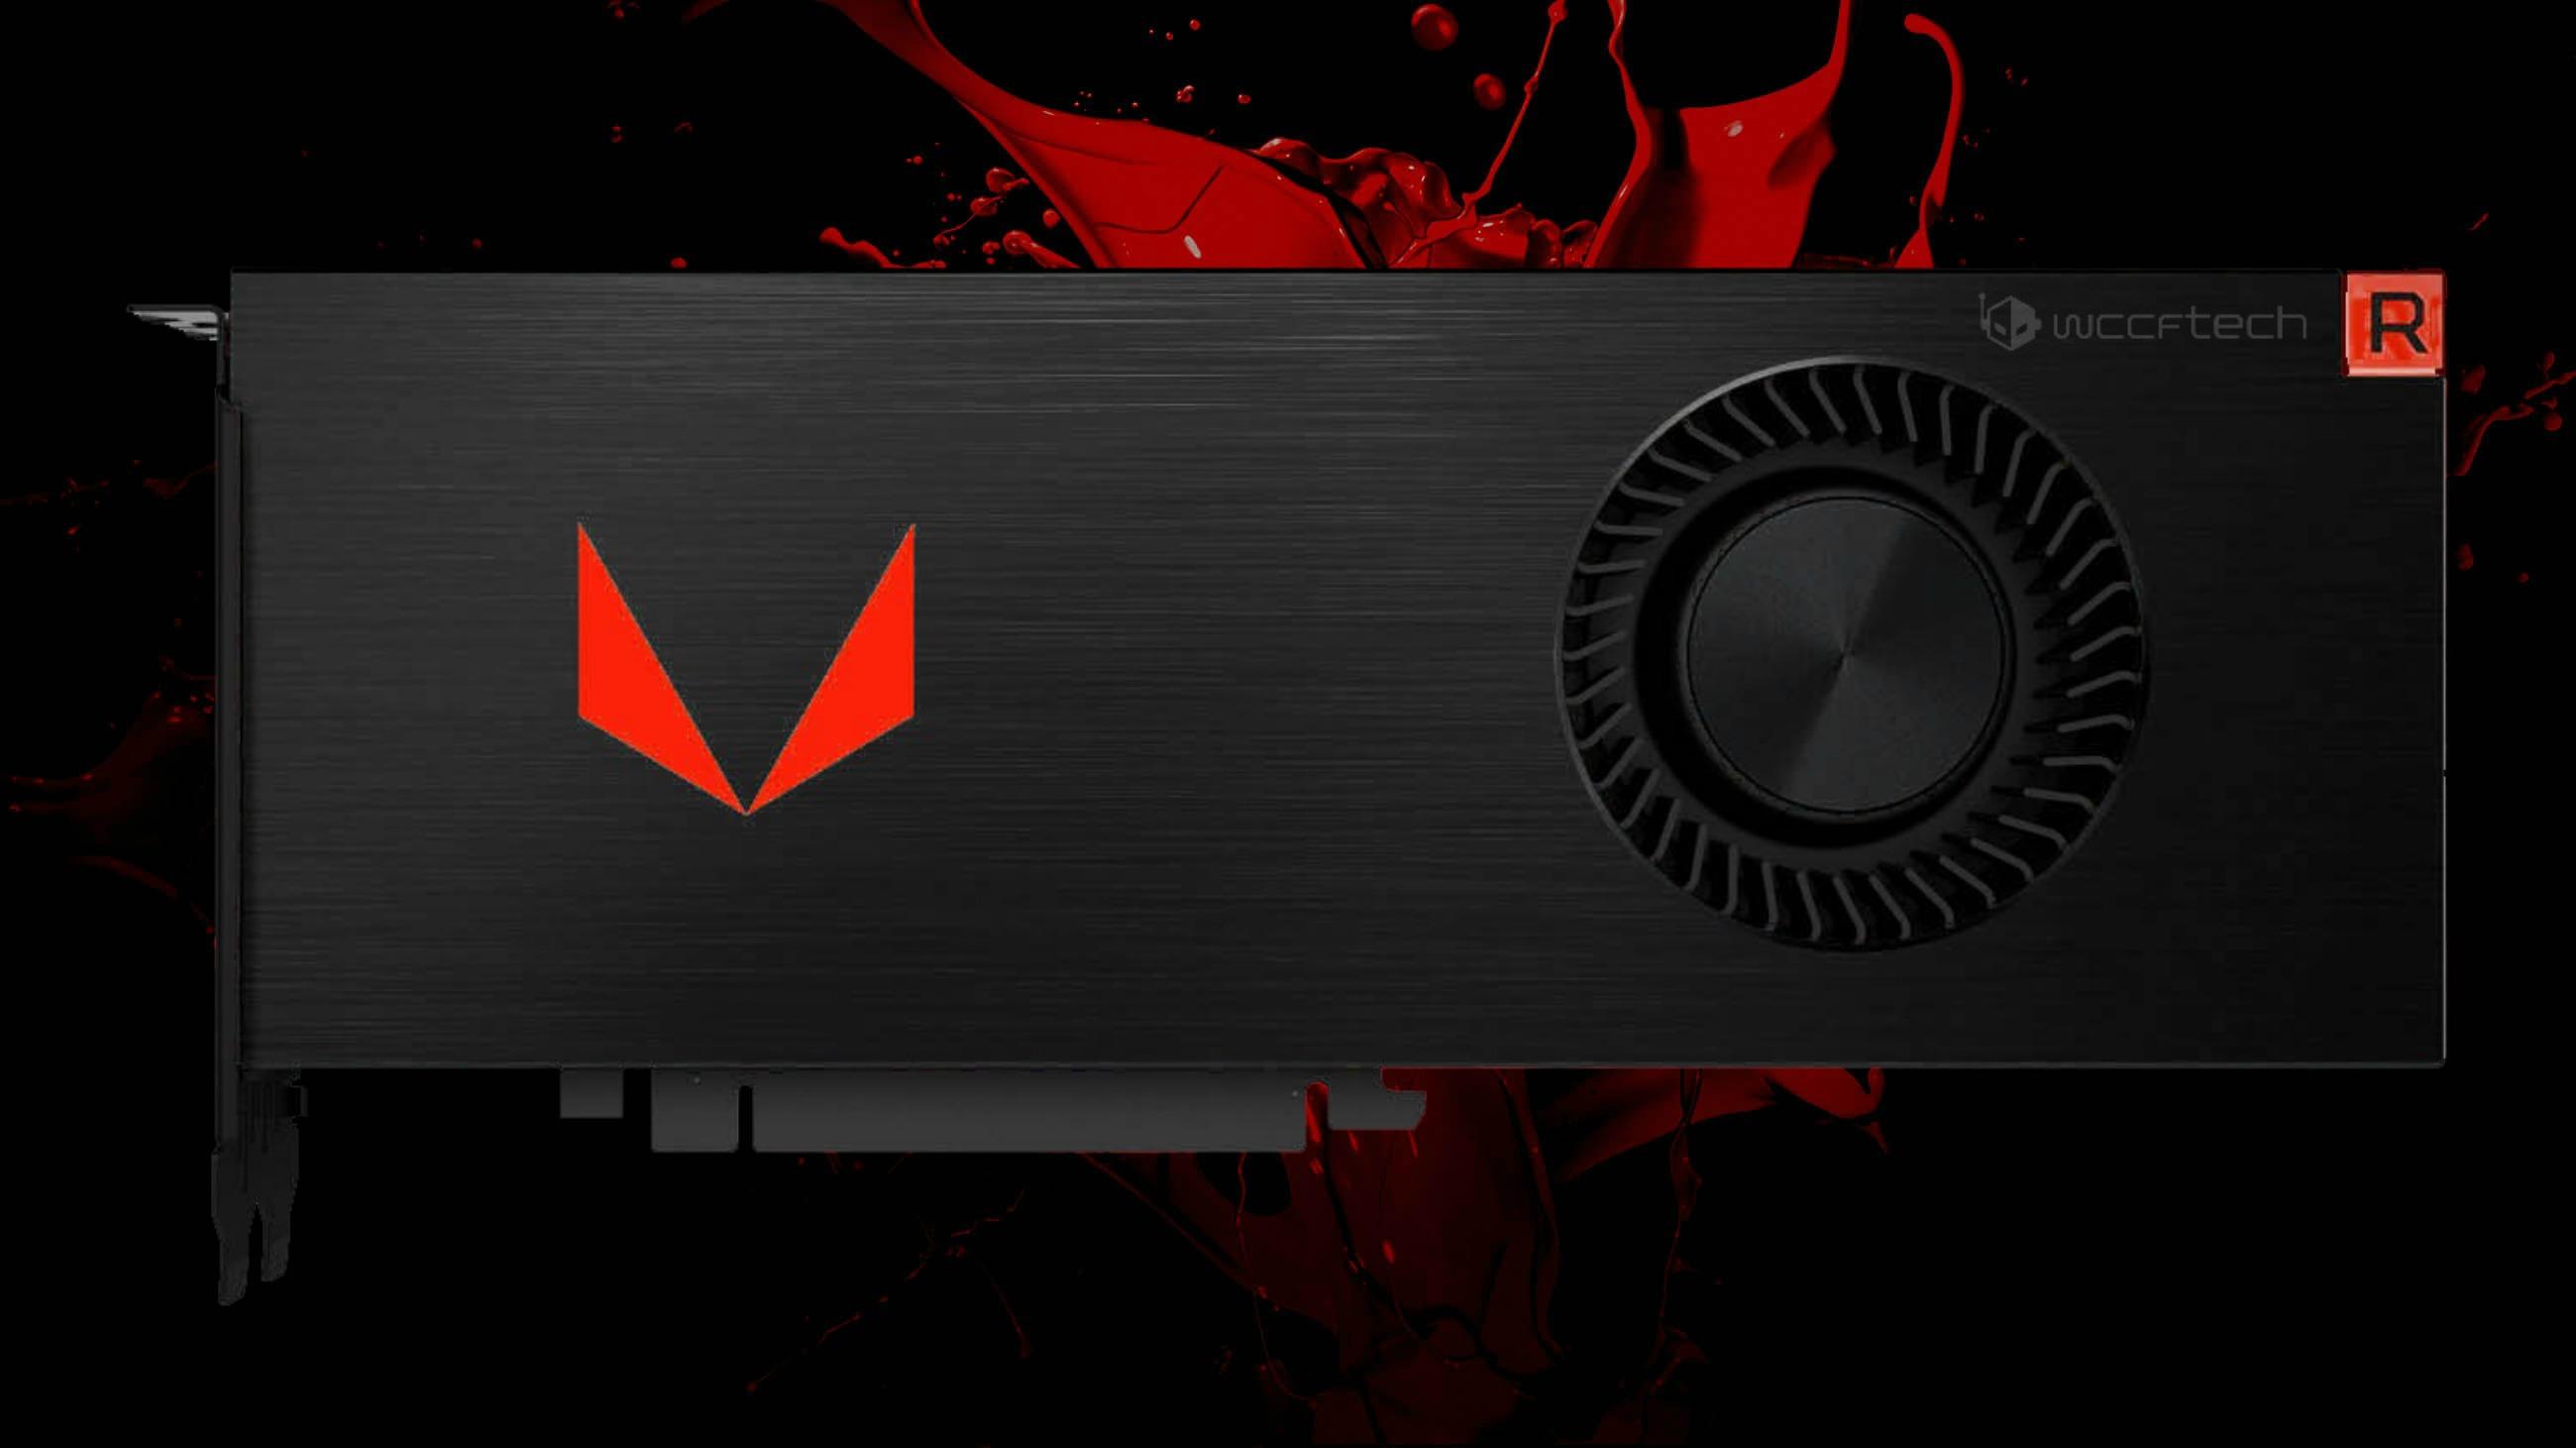 بنچمارکهای جدید کارتگرافیک Radeon RX Vega؛ عملکردی بالاتر از GTX 1080